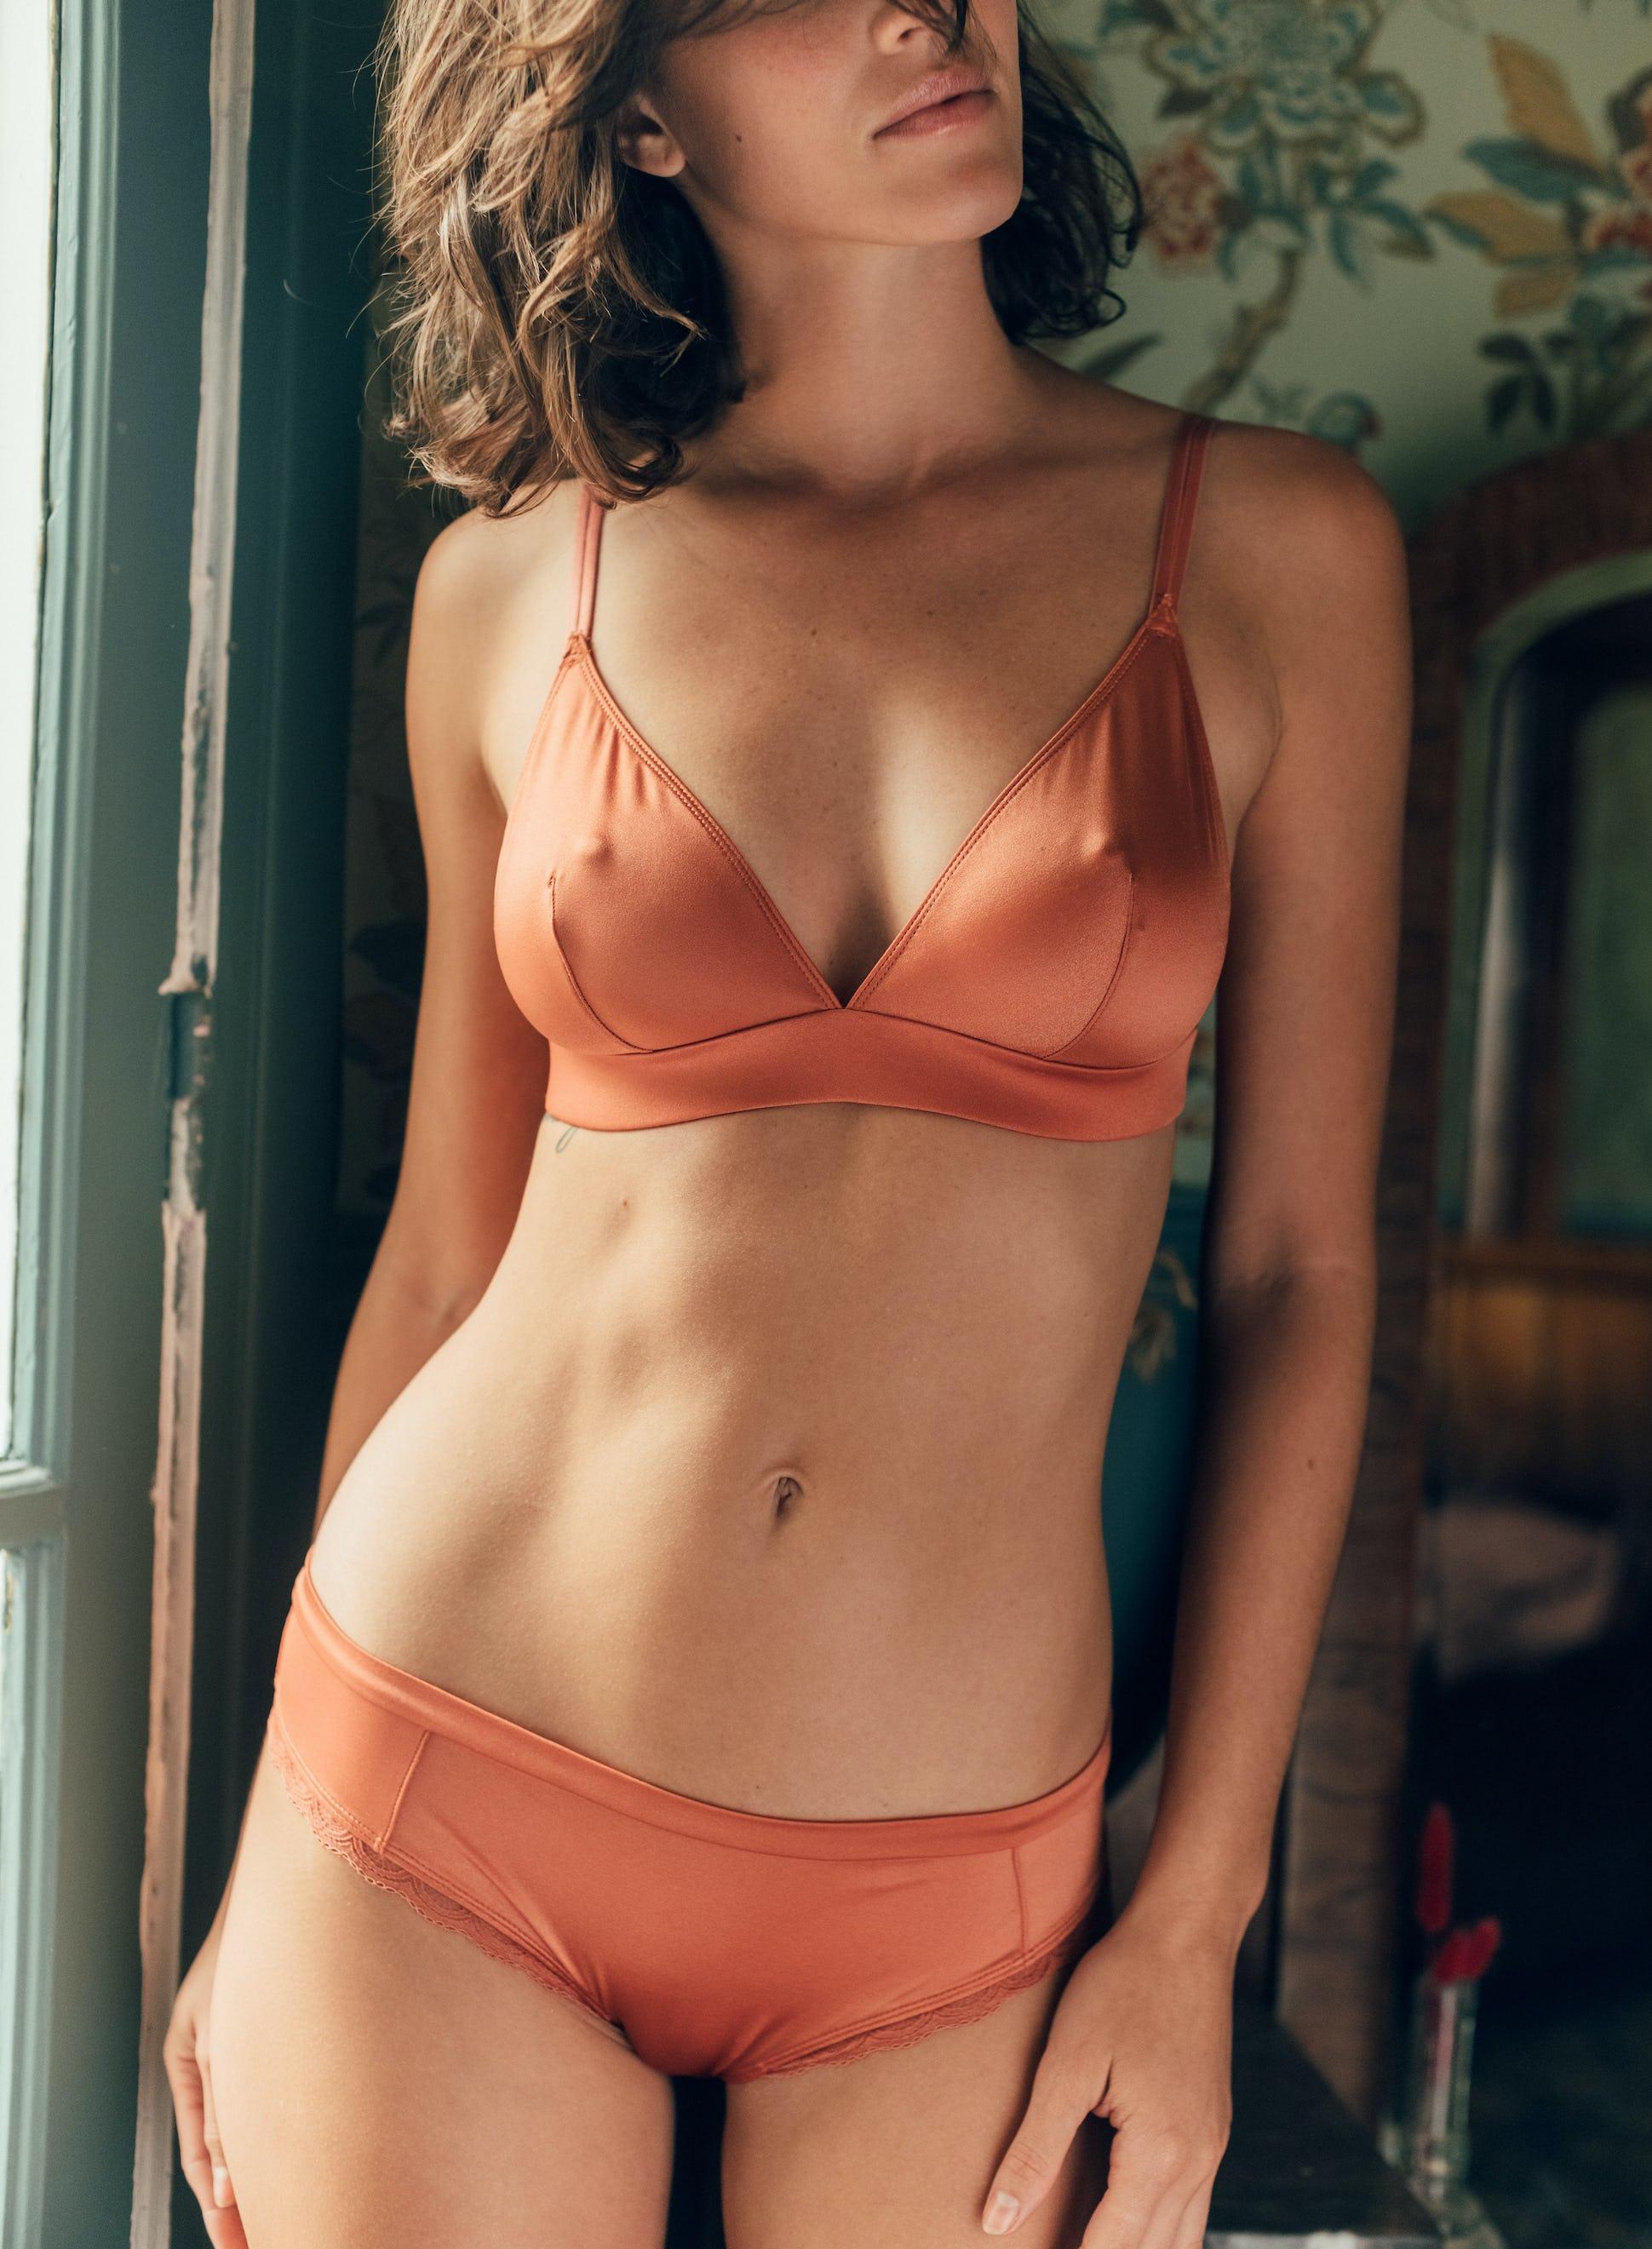 ensemble de lingerie hasard des jours céramique triangle et shorty céramique